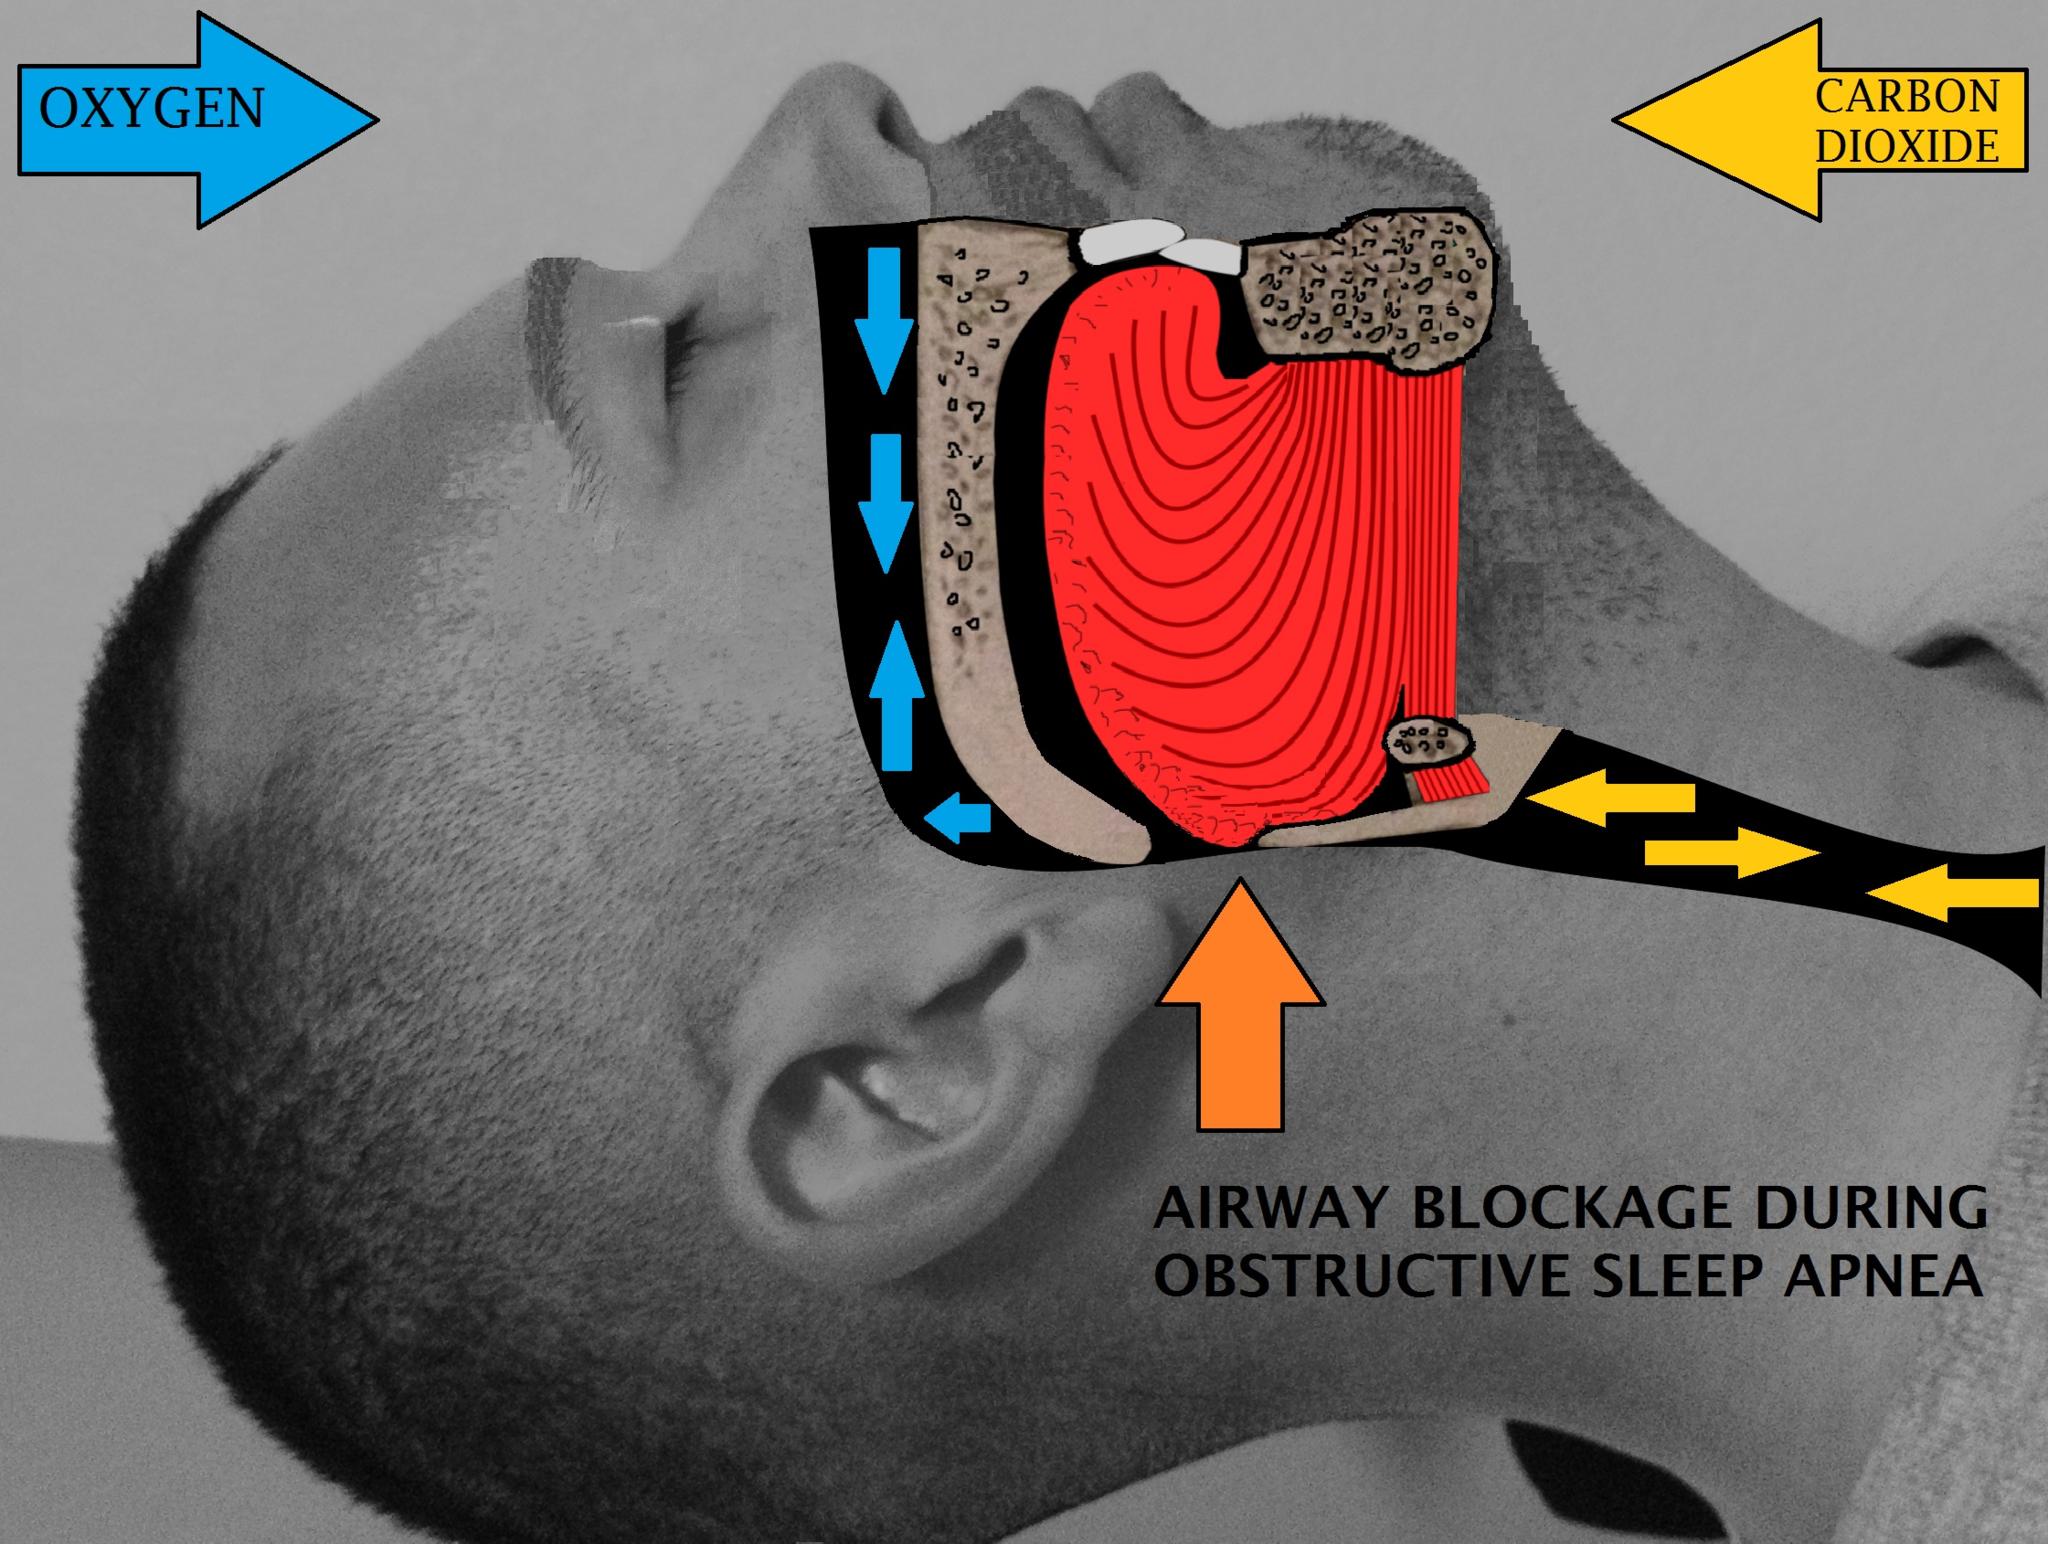 15.5.6 Sleep Apnea Airway Blockage